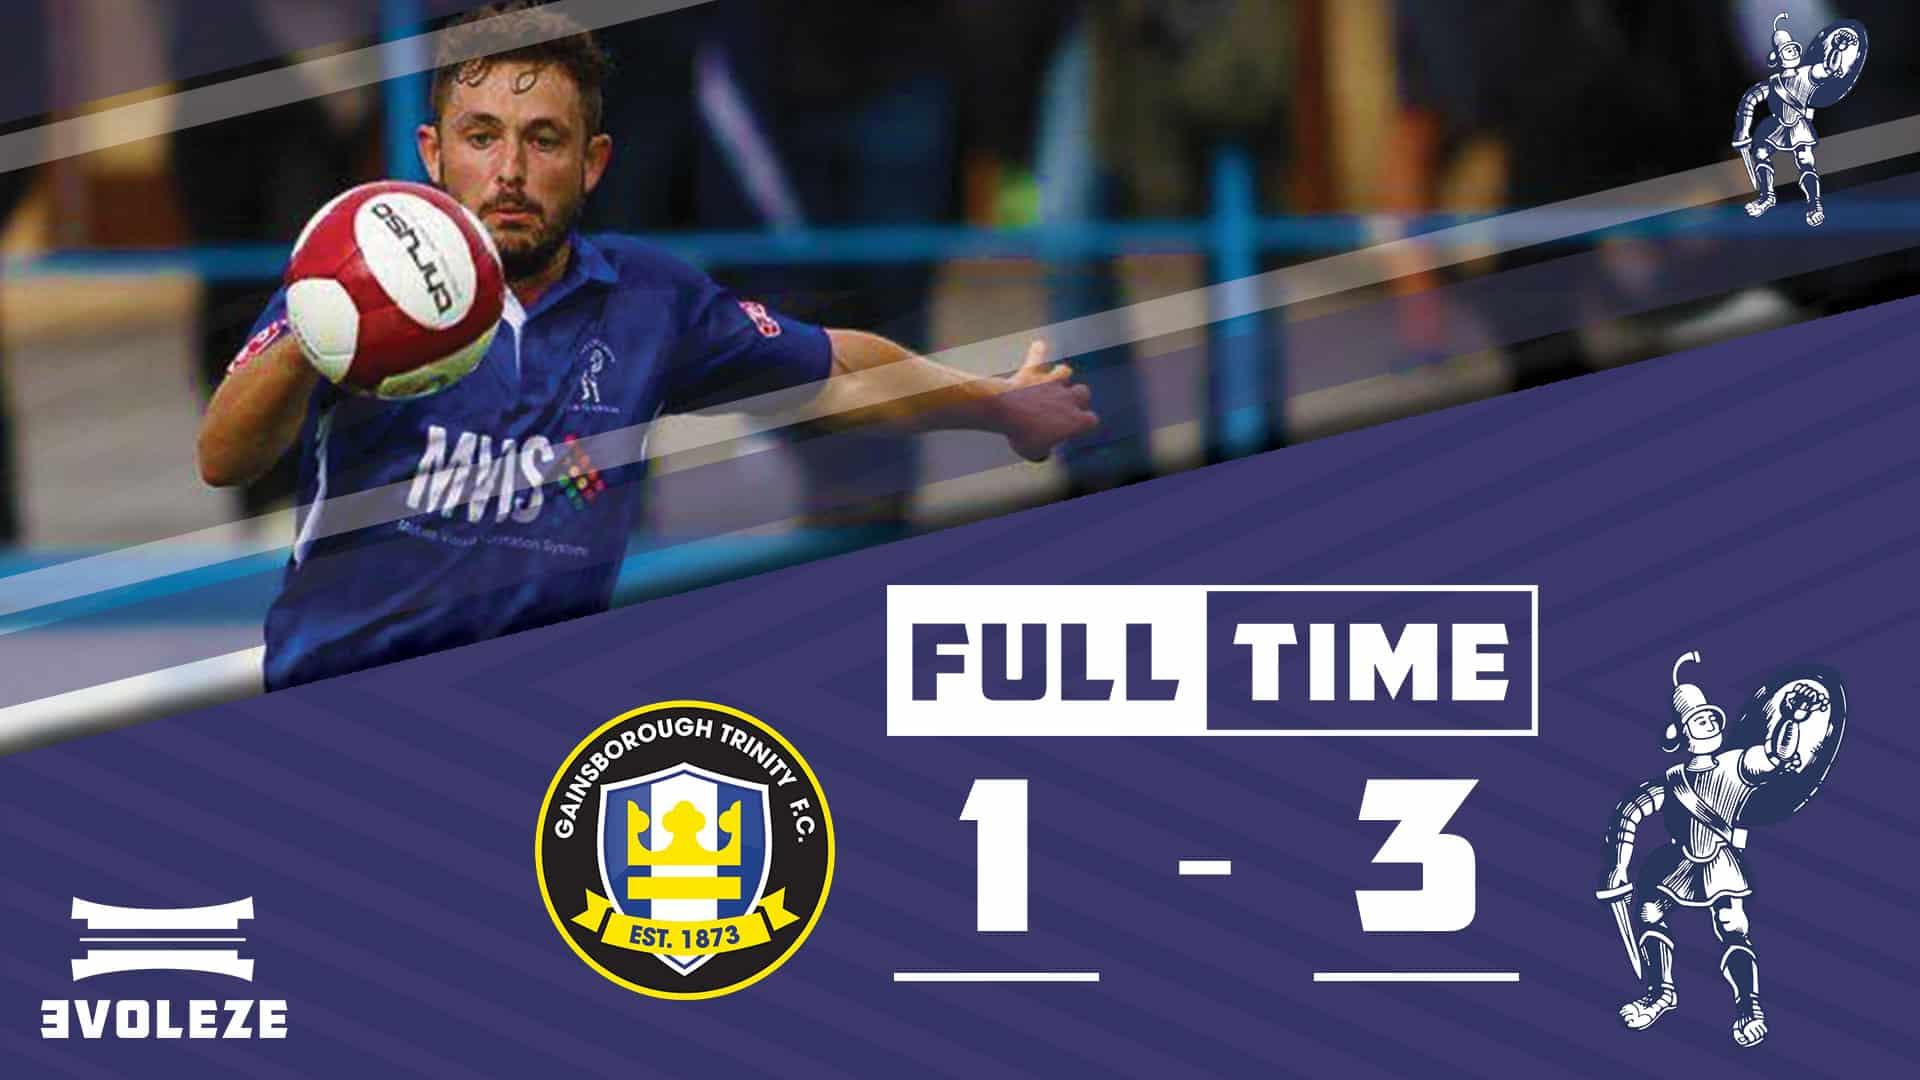 full time Matlock Town FC